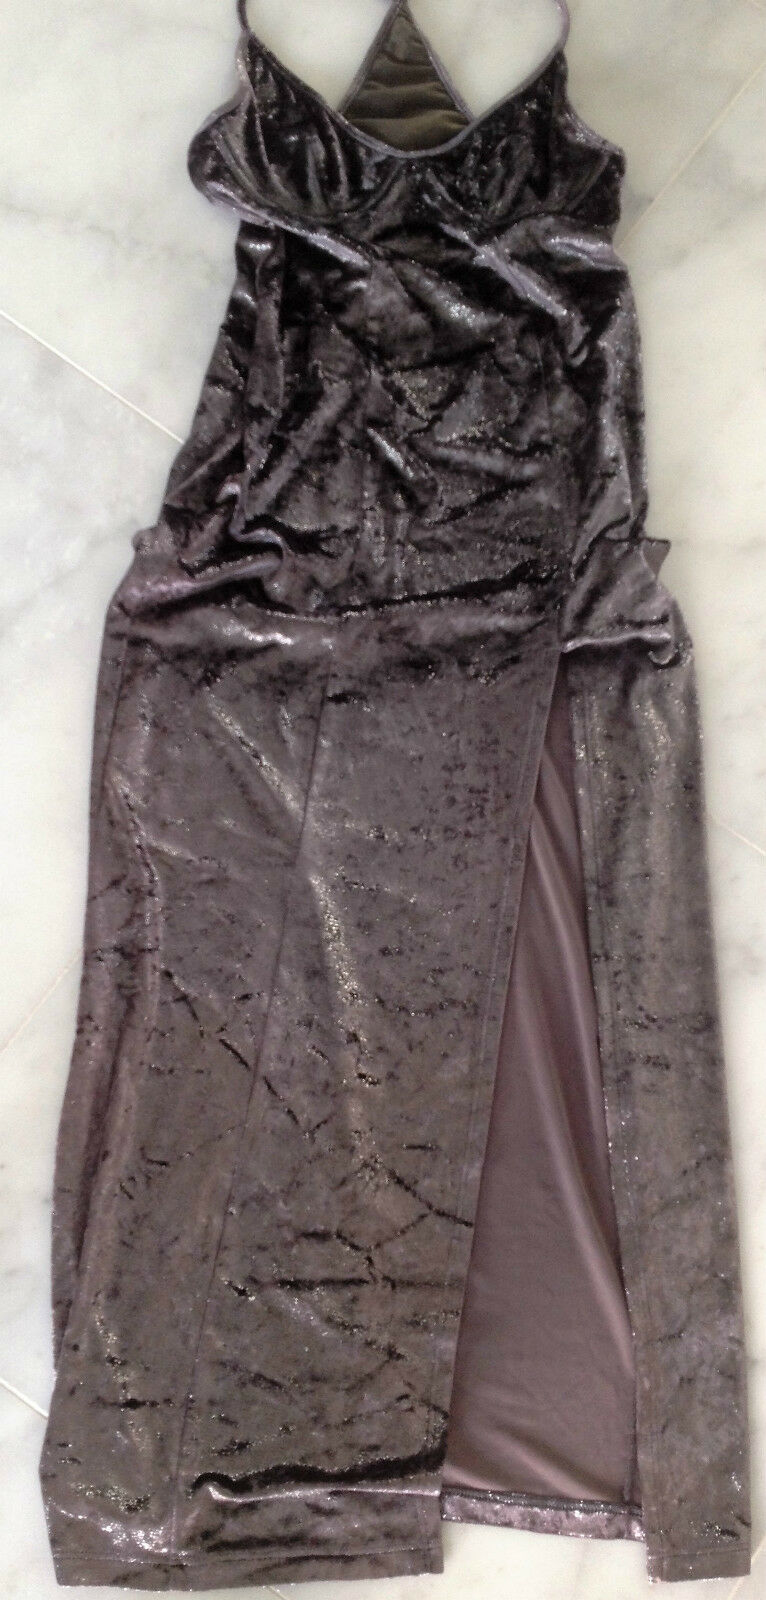 Roccobarocco Kleid,sexy Kleid,DESIGNER Kleid,DESIGNER Kleid,DESIGNER Kleid,MUST HAVE,WOW,Luxus,     | Überlegene Qualität  |   | Kostengünstiger  | Um Eine Hohe Bewunderung Gewinnen Und Ist Weit Verbreitet Trusted In-und   effb31